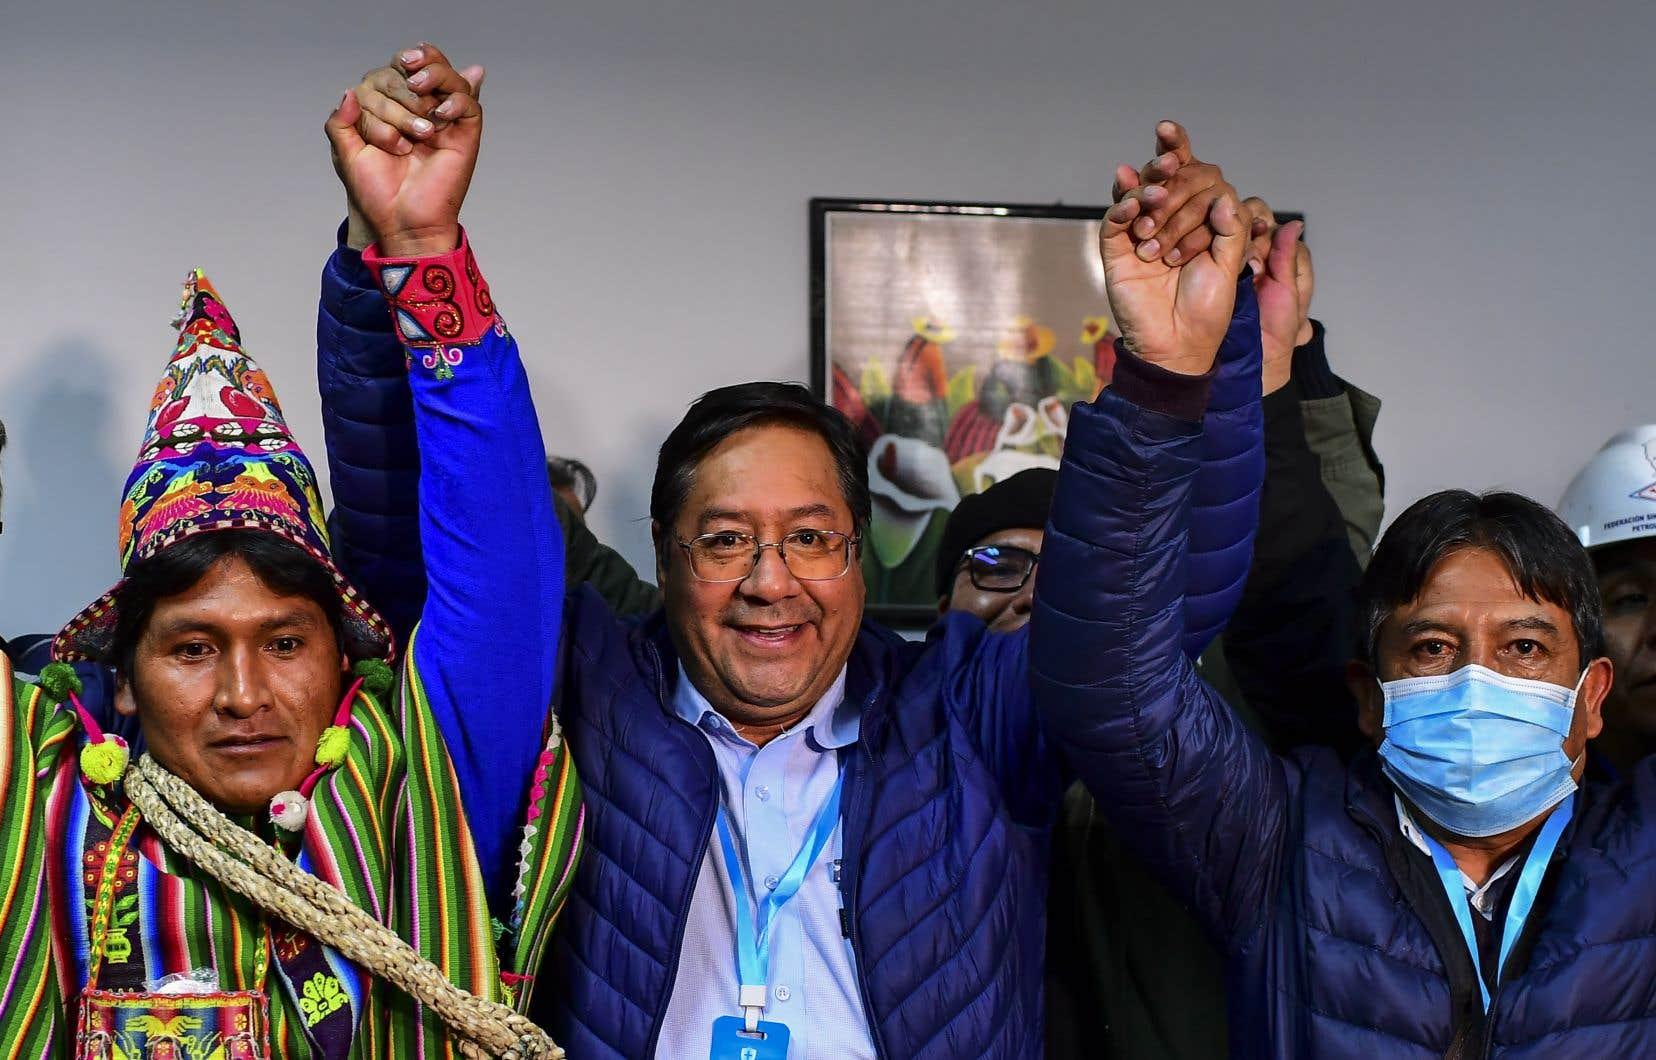 À l'annonce de son triomphe, Luis Arce avait estimé que la Bolivie avait «renoué avec la démocratie» et «retrouvé l'espoir».